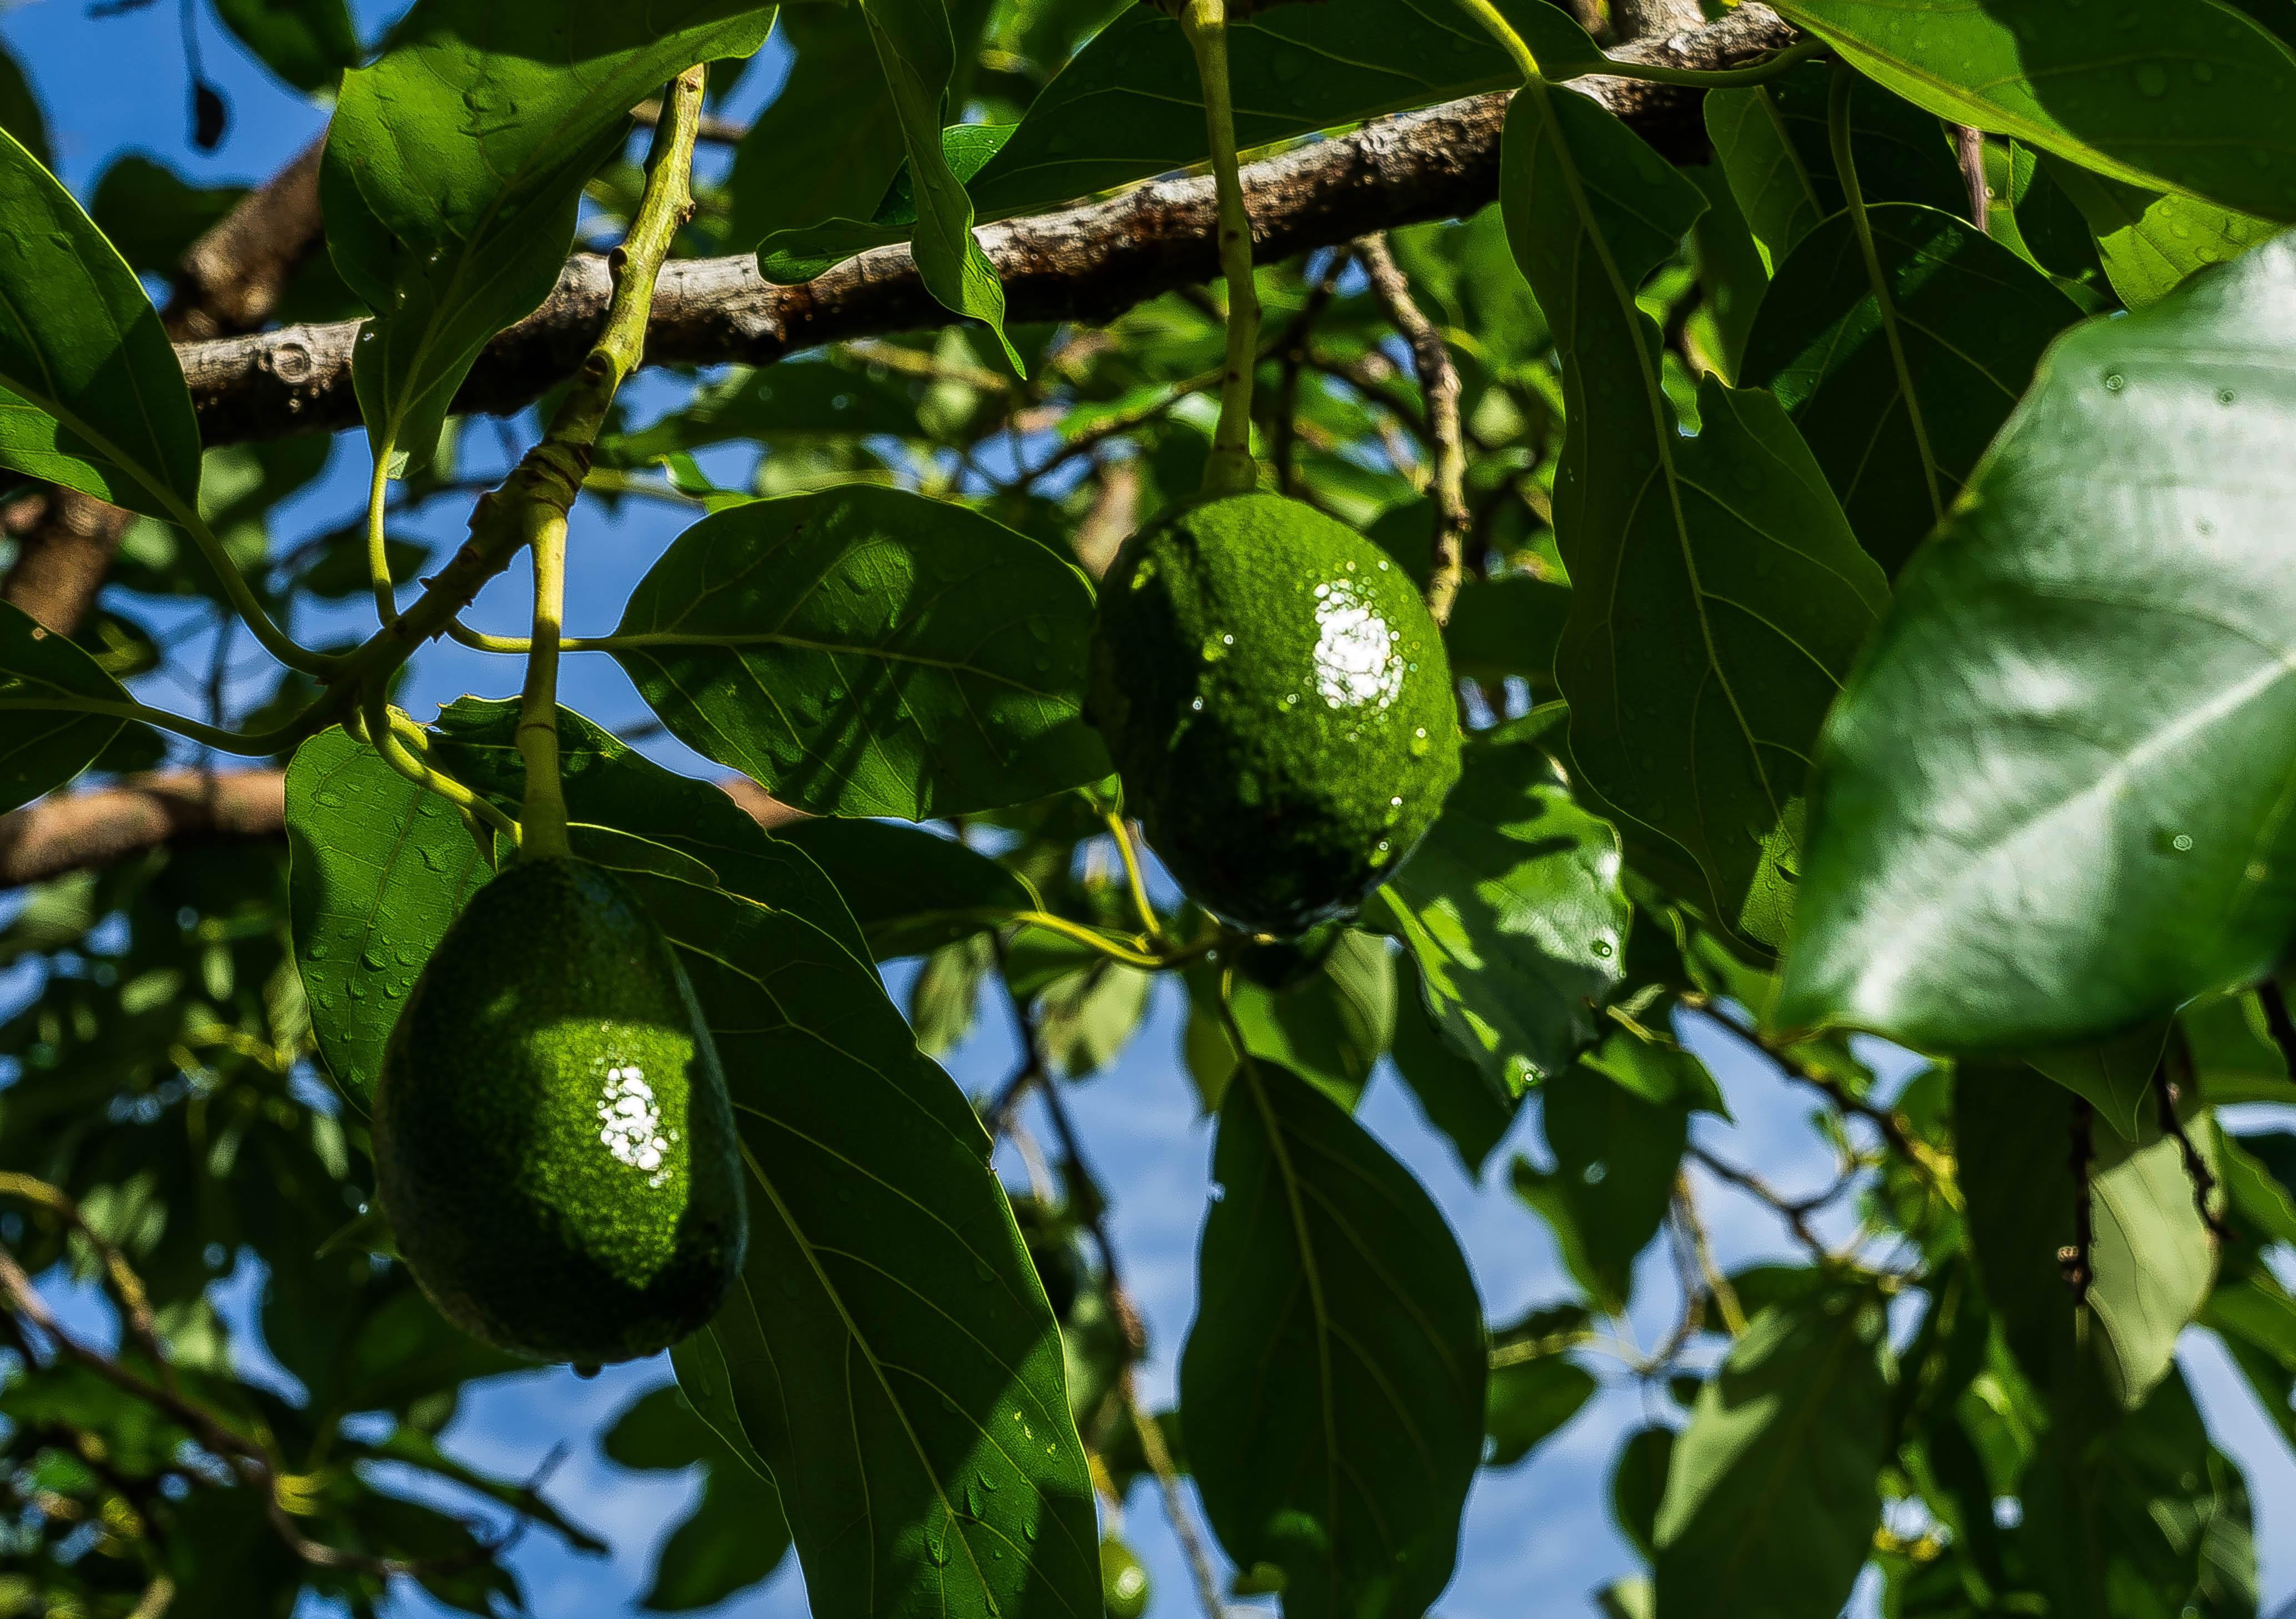 images gratuites : arbre, la nature, branche, fruit, feuille, fleur